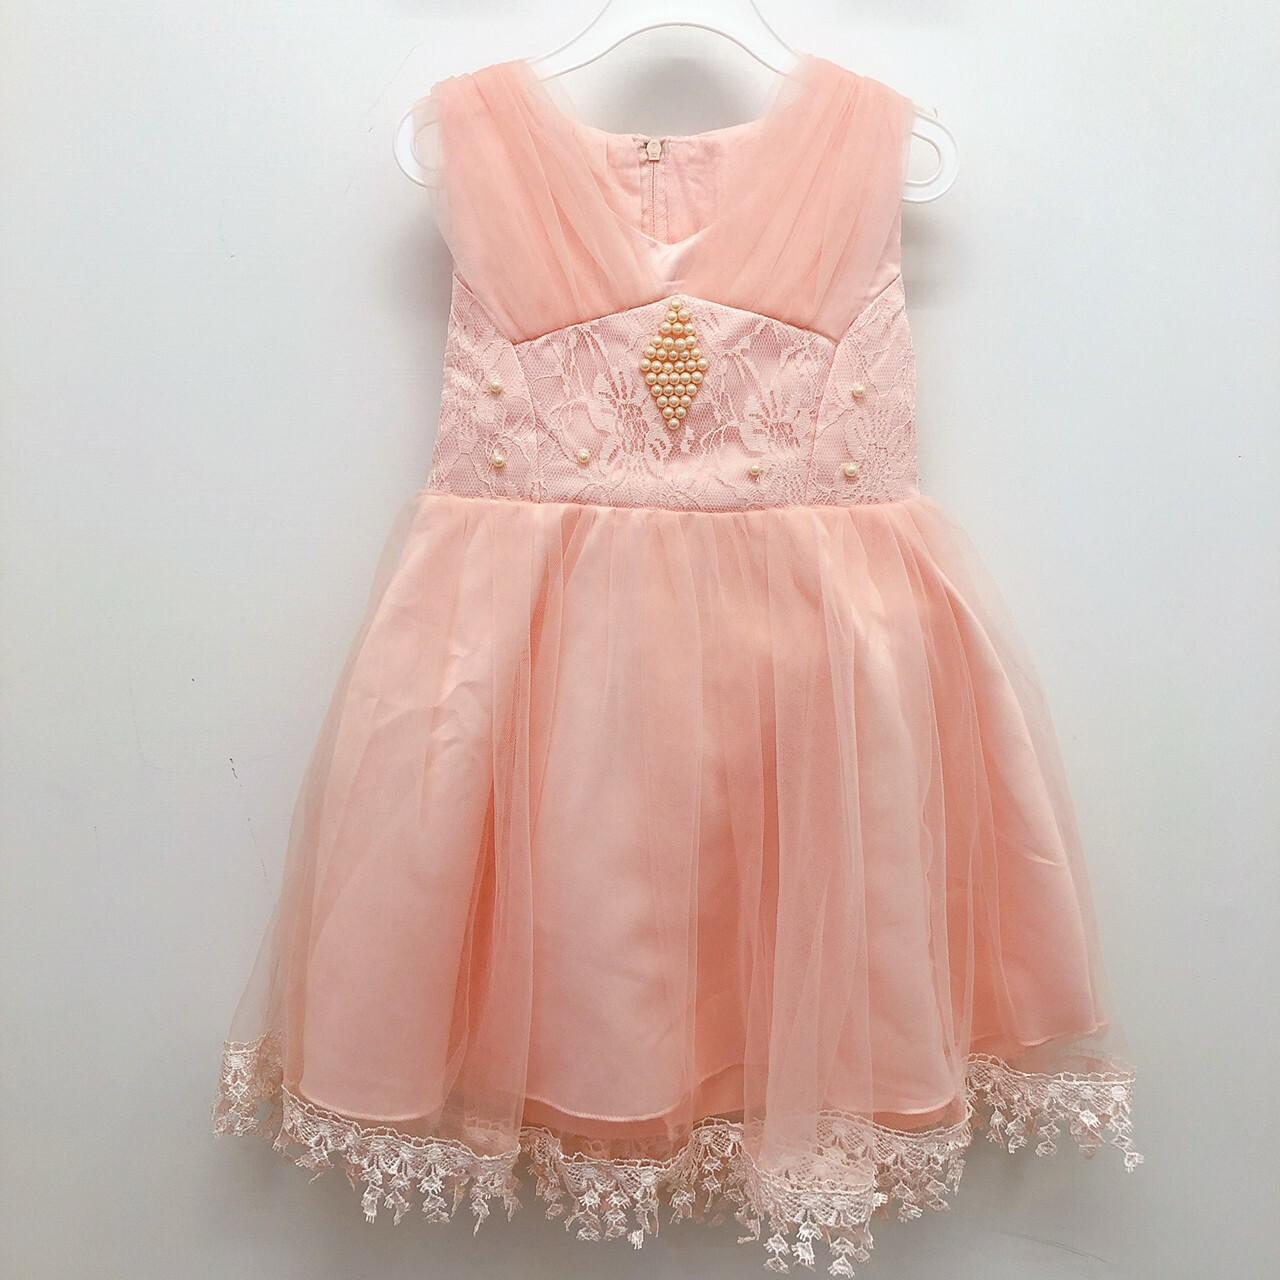 小禮服_210525_8.jpg